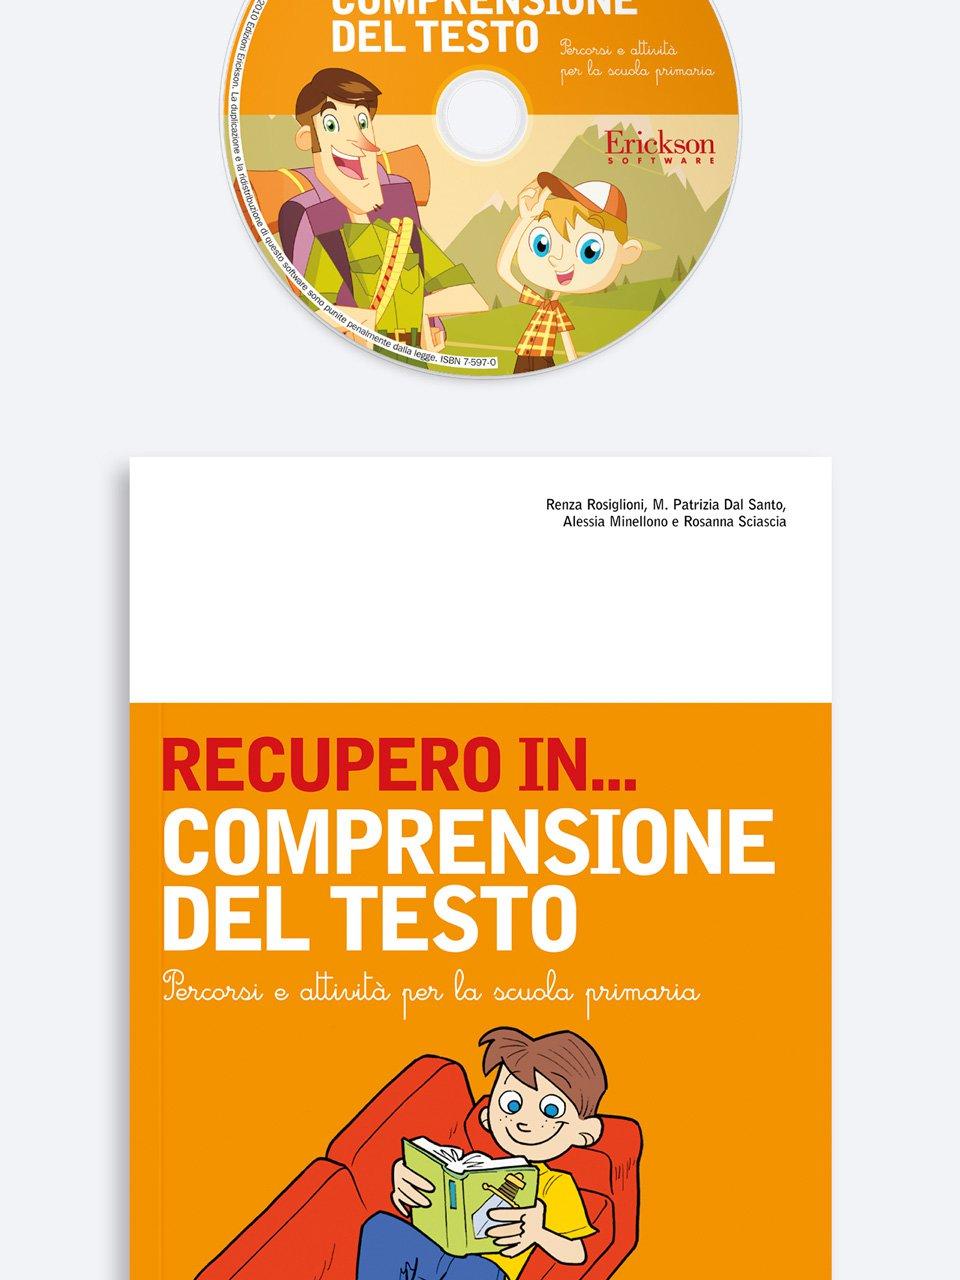 RECUPERO IN... Comprensione del testo - RECUPERO IN... Abilità di lettura 2 - Libri - App e software - Erickson 3